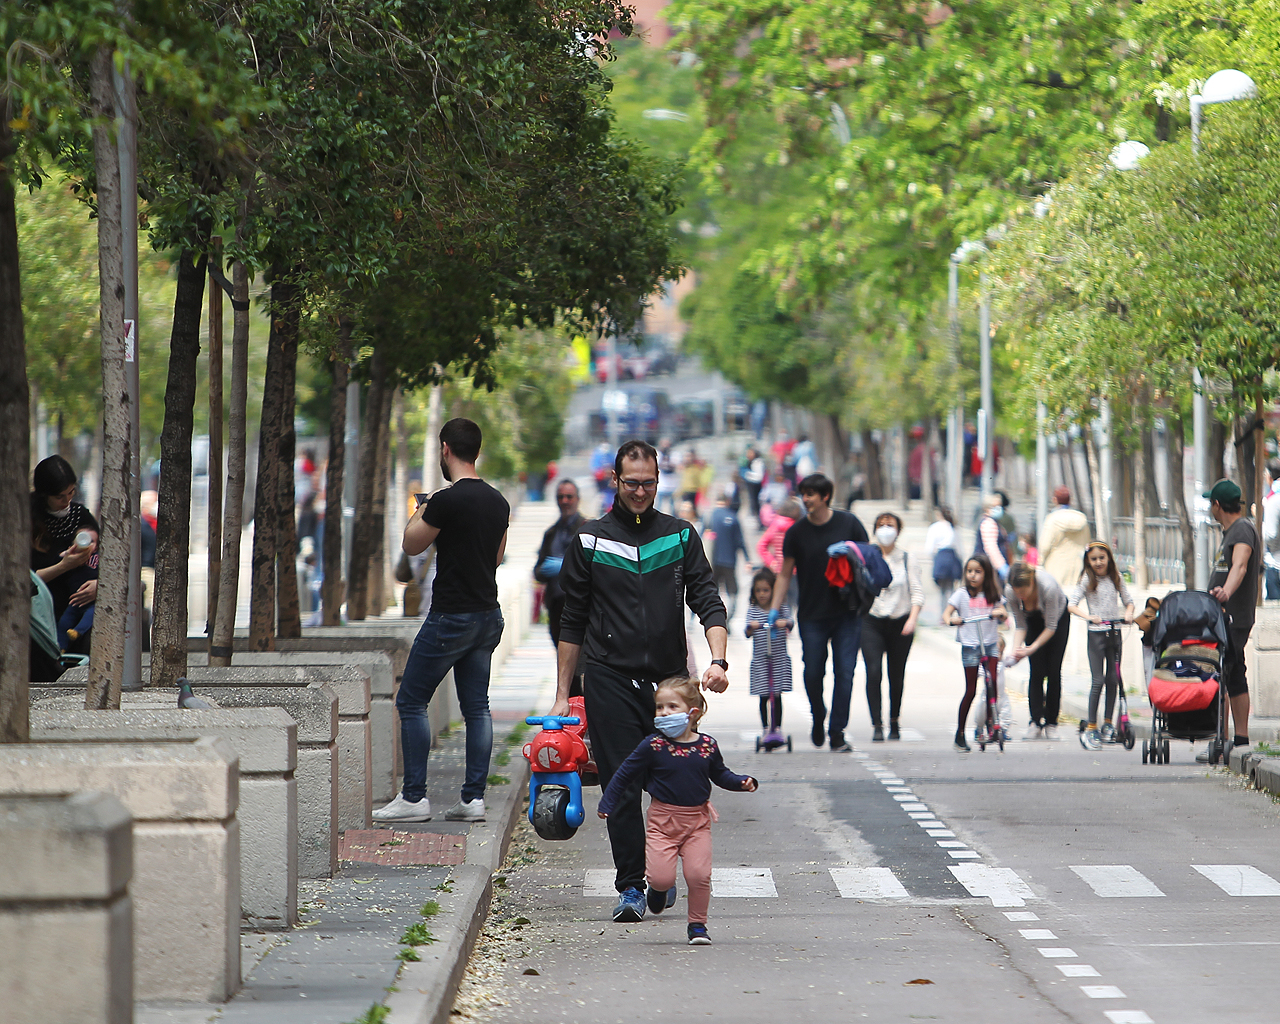 Primer día de desconfinamiento infantil. Madrid. 26/04/2020.